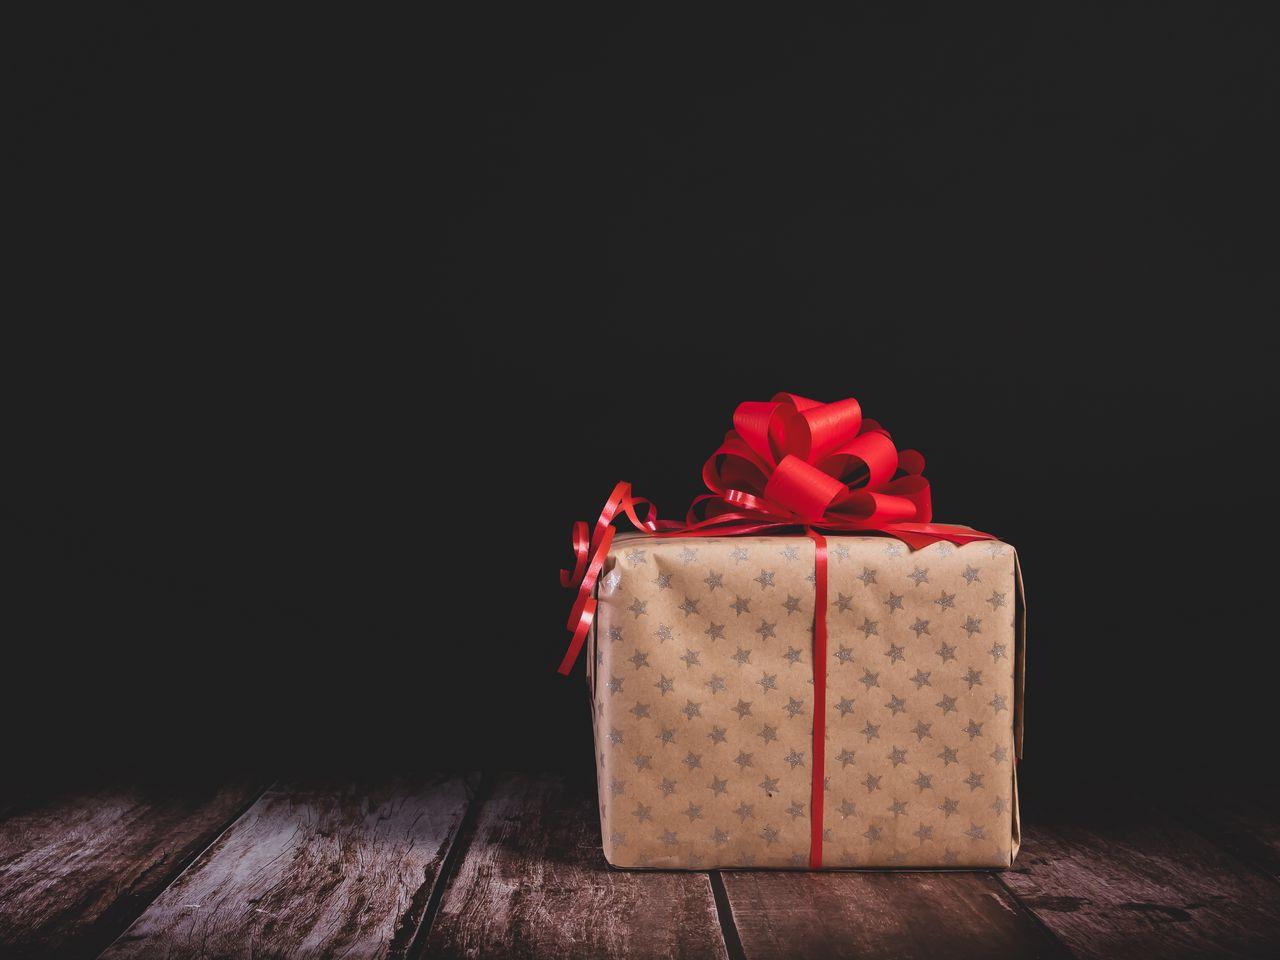 1280x960 Wallpaper gift, box, bow, holiday